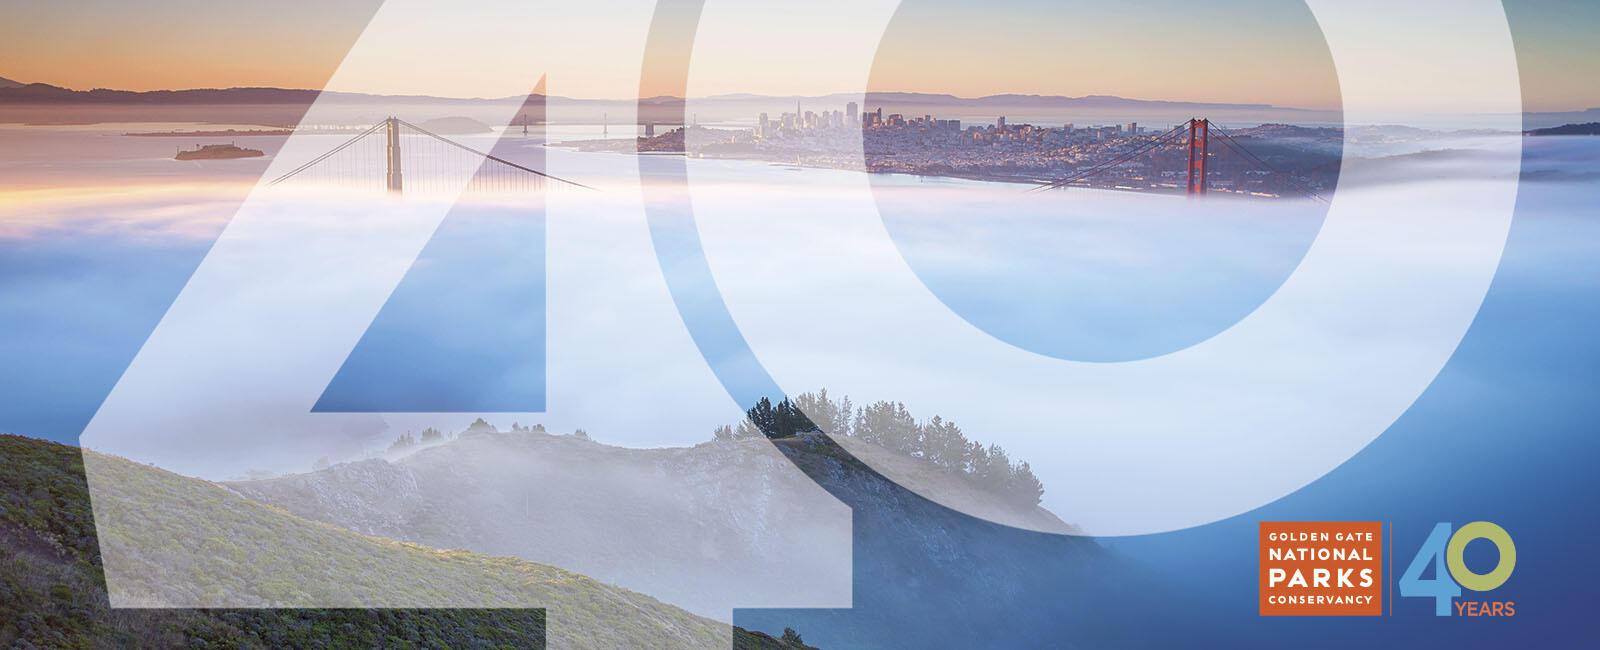 Golden Gate Bridge seen through the fog from the Marin Headlands.